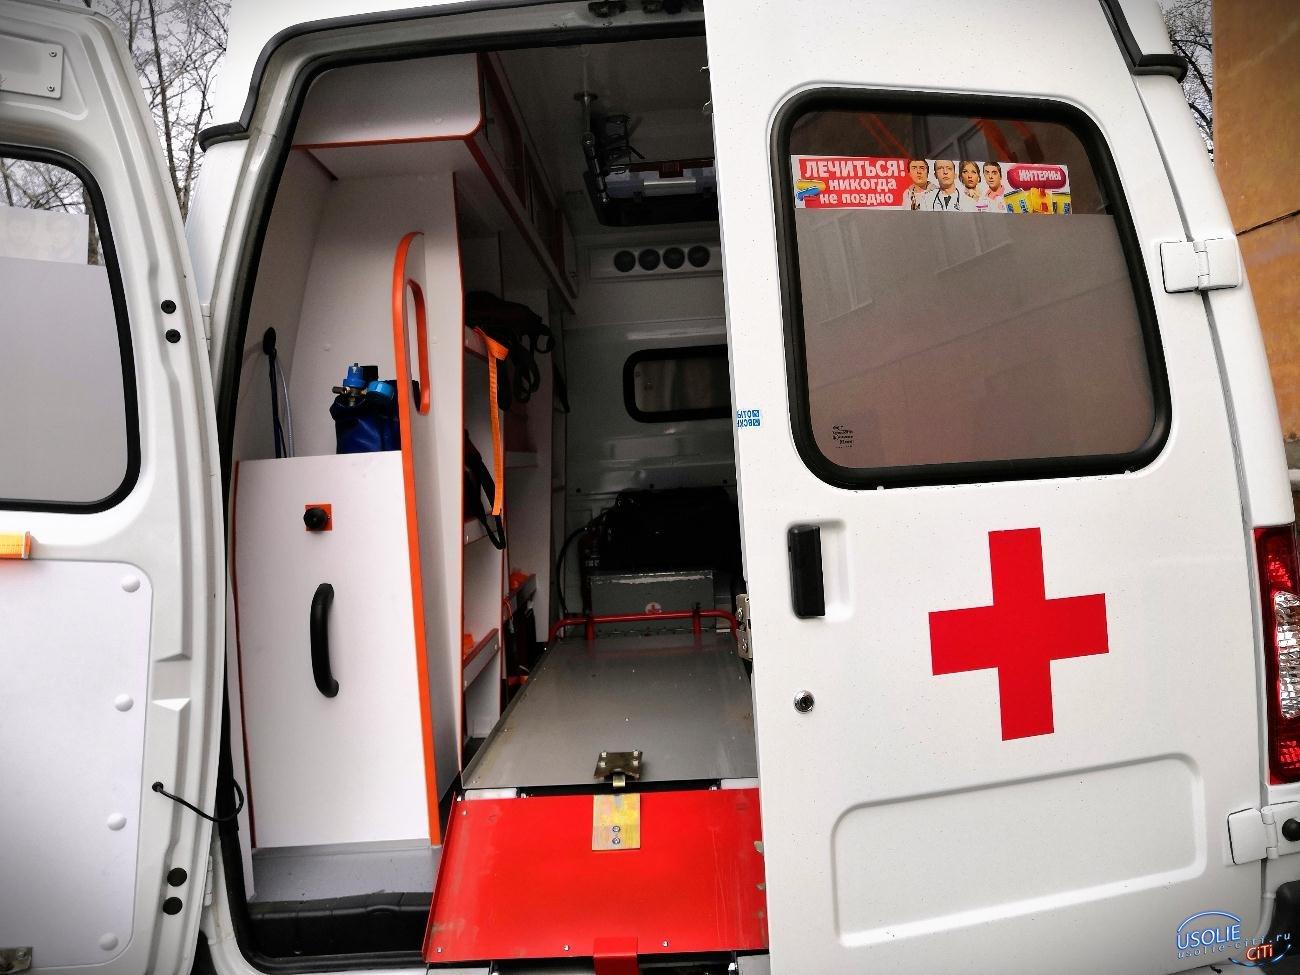 Неизвестный мужчина умер в приемном отделении больницы Усолья